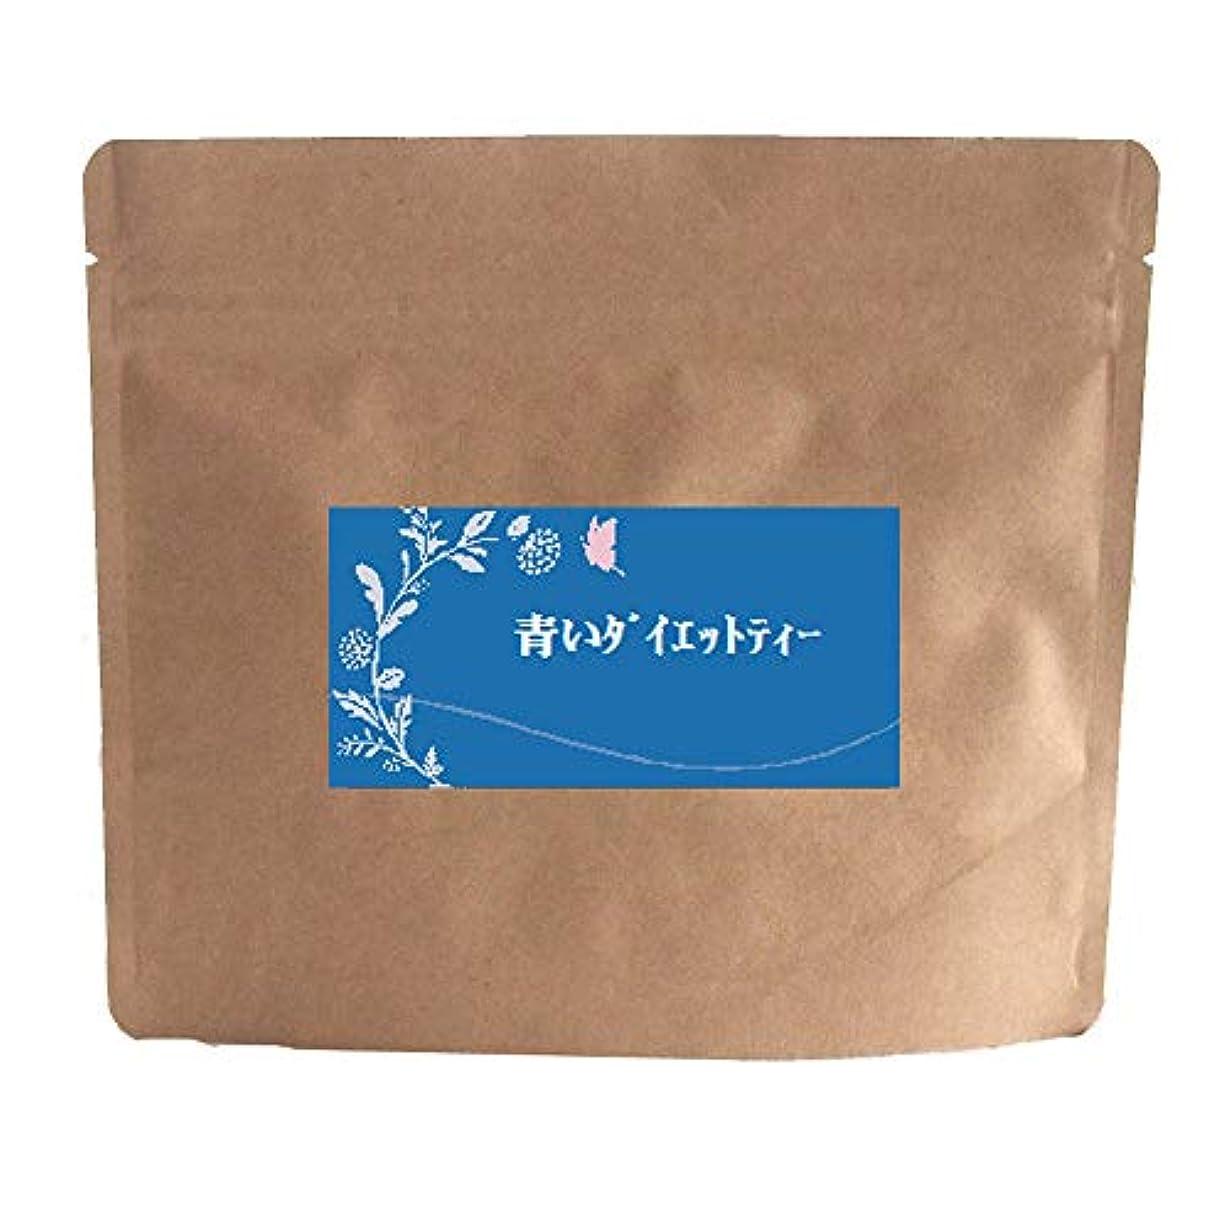 酔っ払い頭痛ヨーロッパ青いダイエットティー312g バタフライピー 難消化性デキストリン ダイエットドリンク 粉末 パウダー